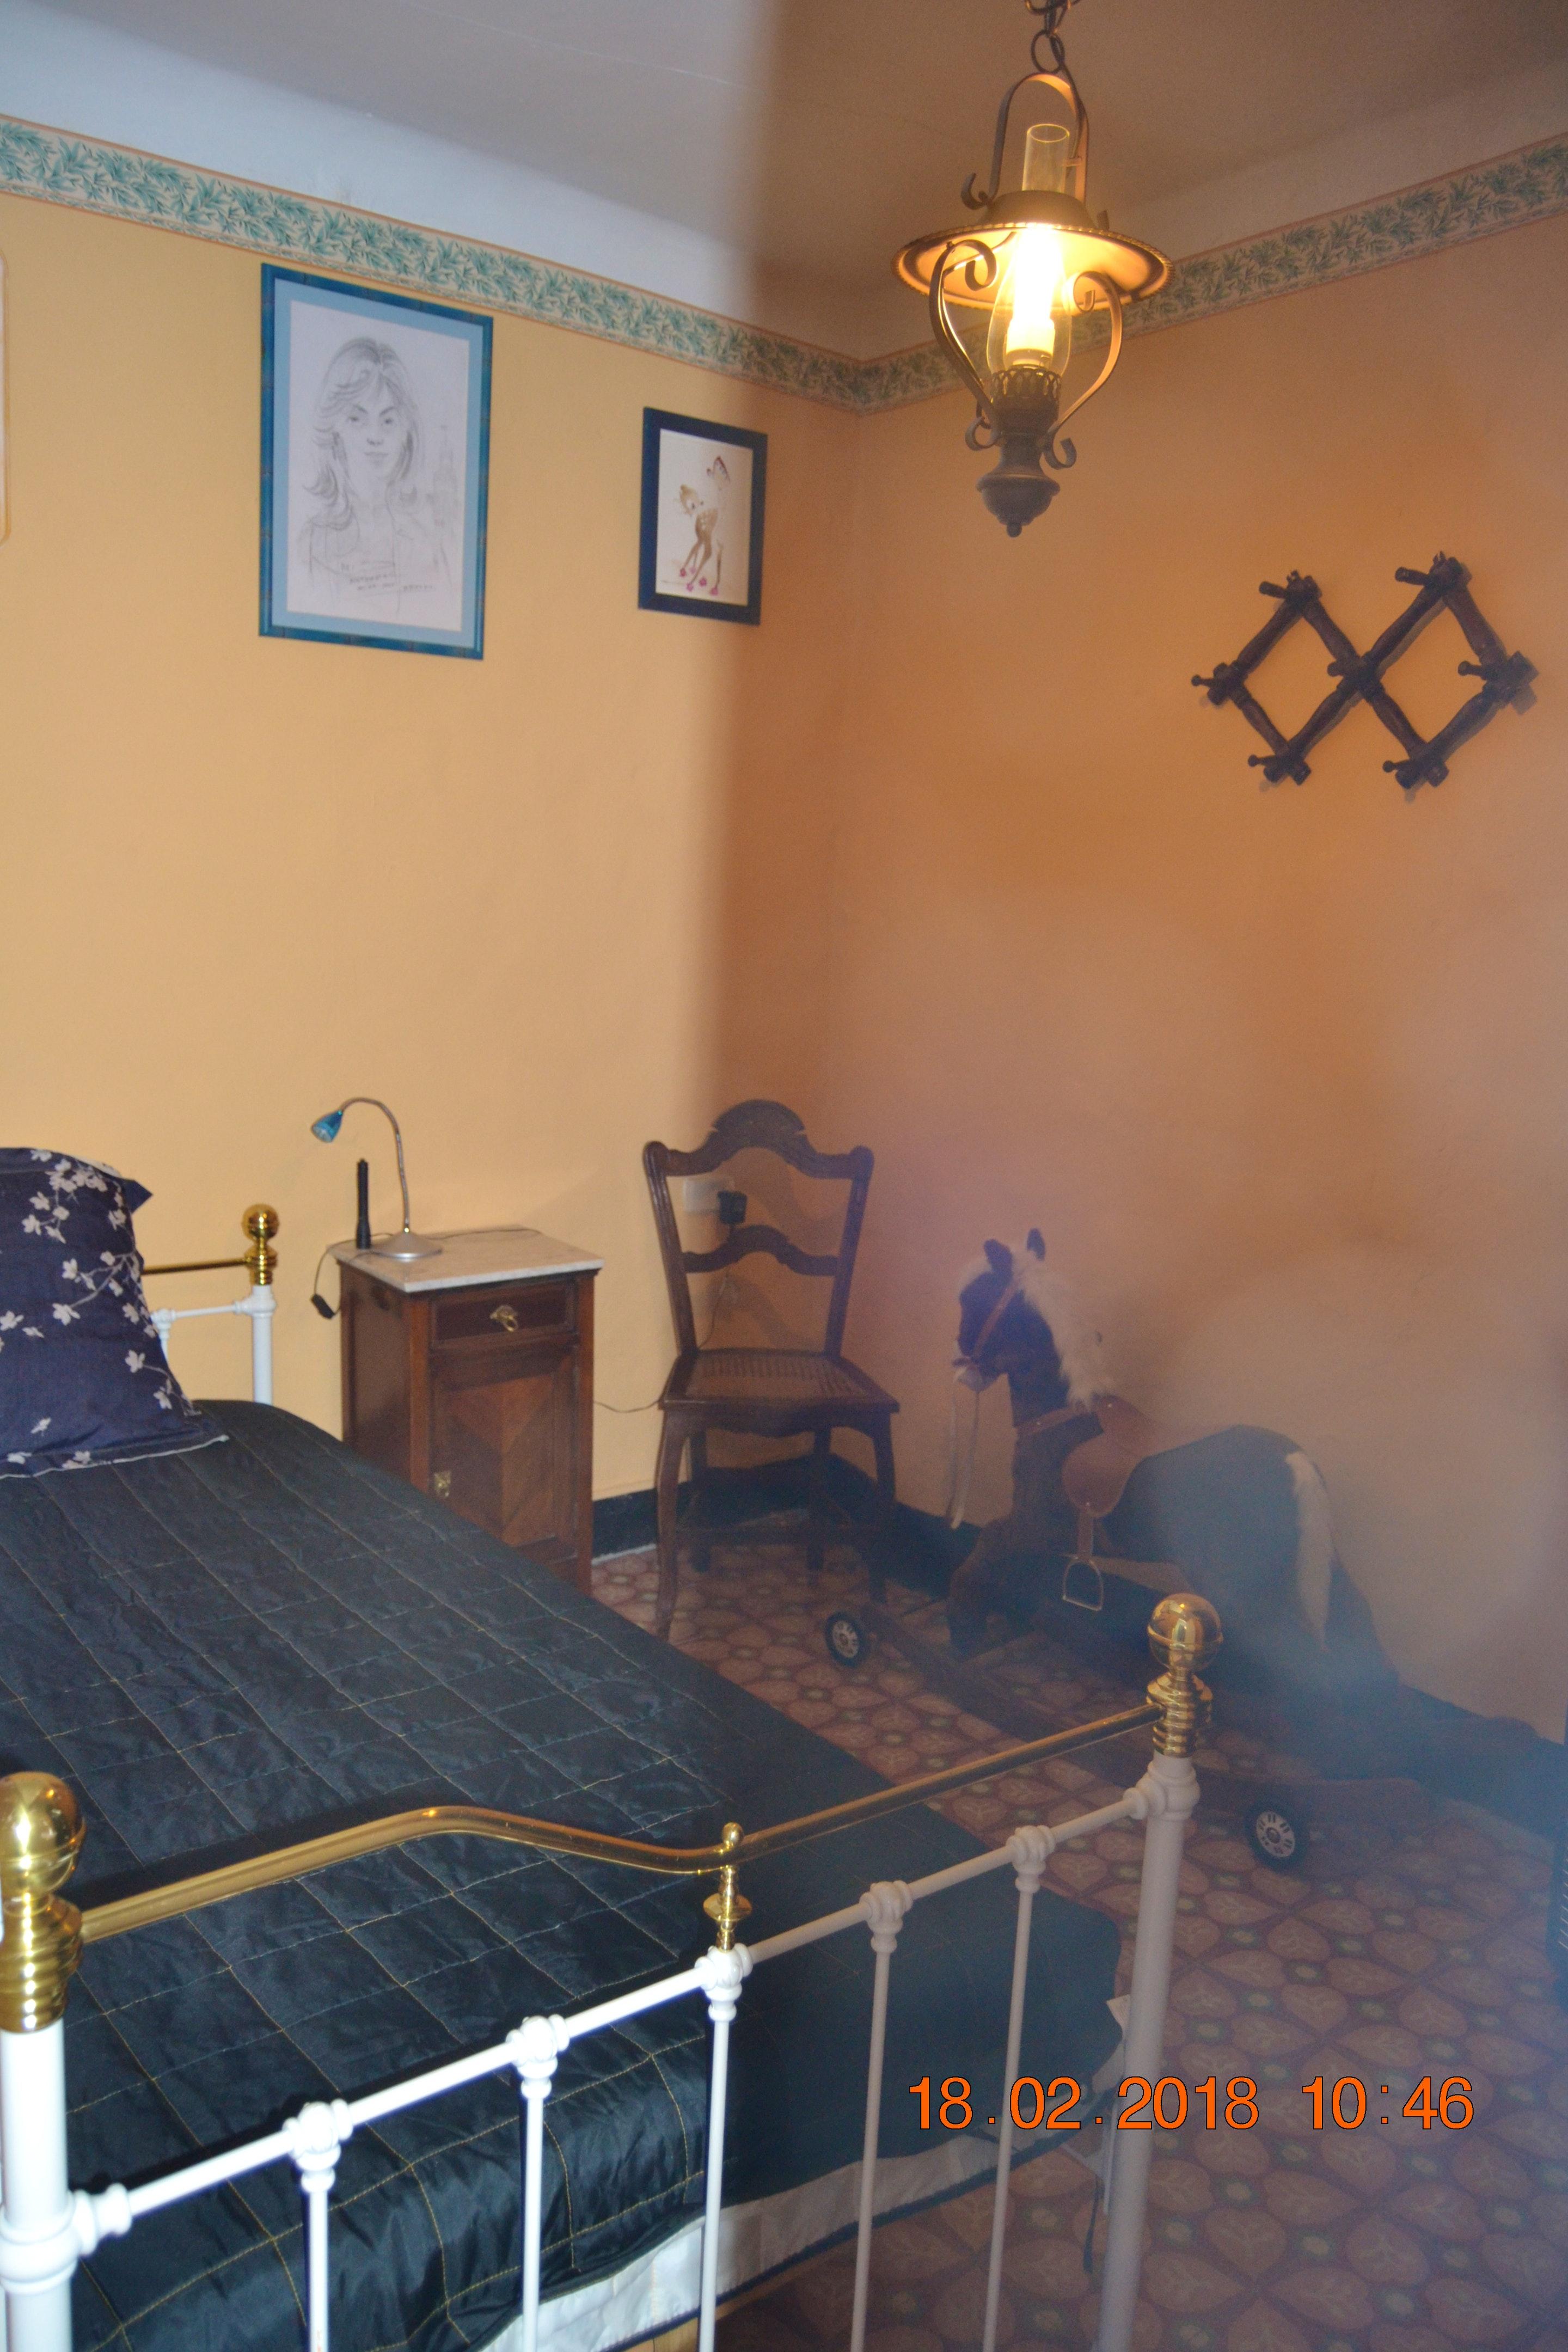 Ferienhaus Haus mit 4 Schlafzimmern in Sant Pere Sacarrera mit toller Aussicht auf die Berge, möblier (2217248), Sant Pere Sacarrera, Barcelona, Katalonien, Spanien, Bild 51